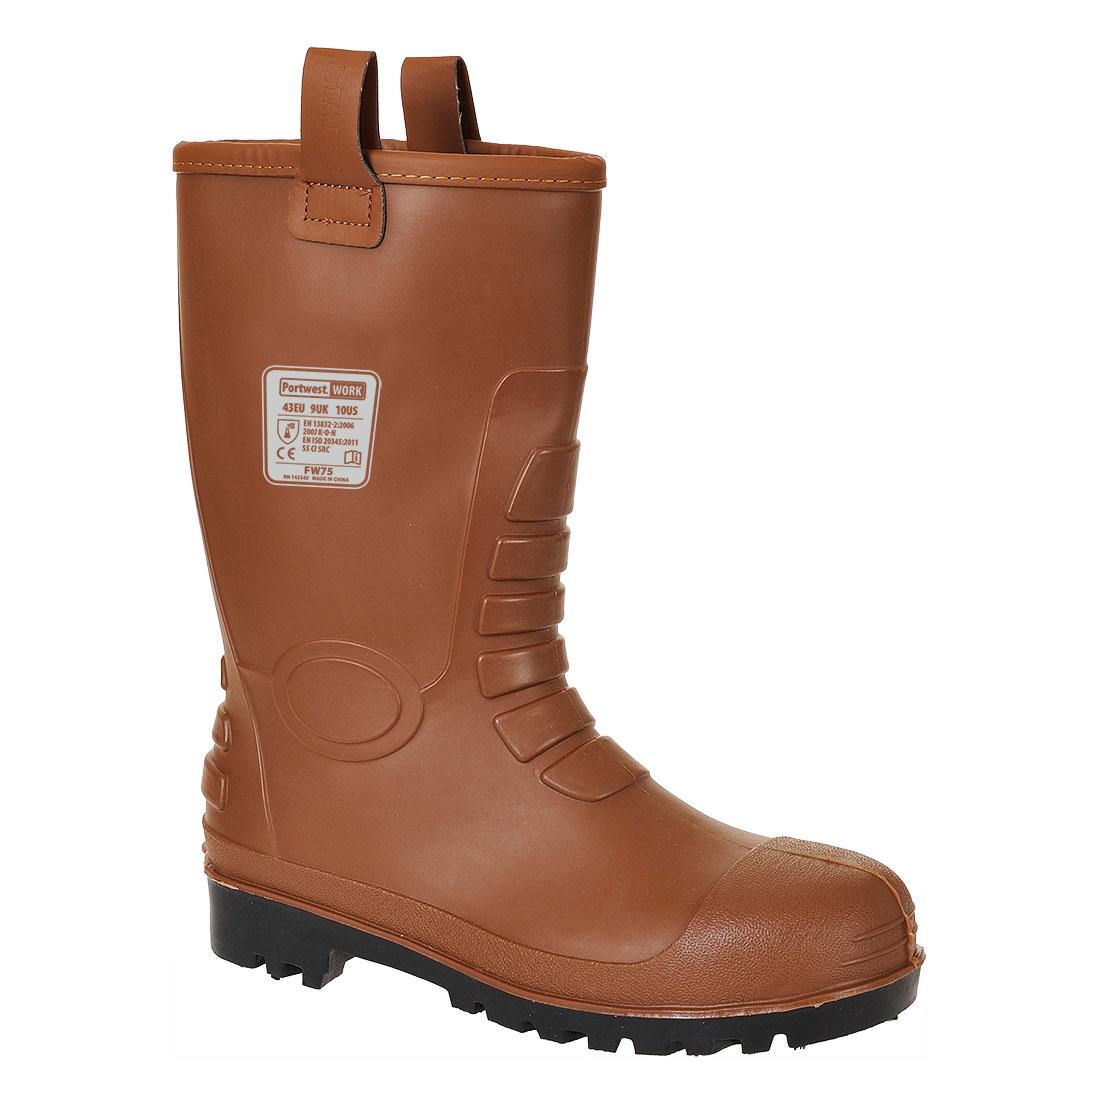 Footwear, Wellingtons